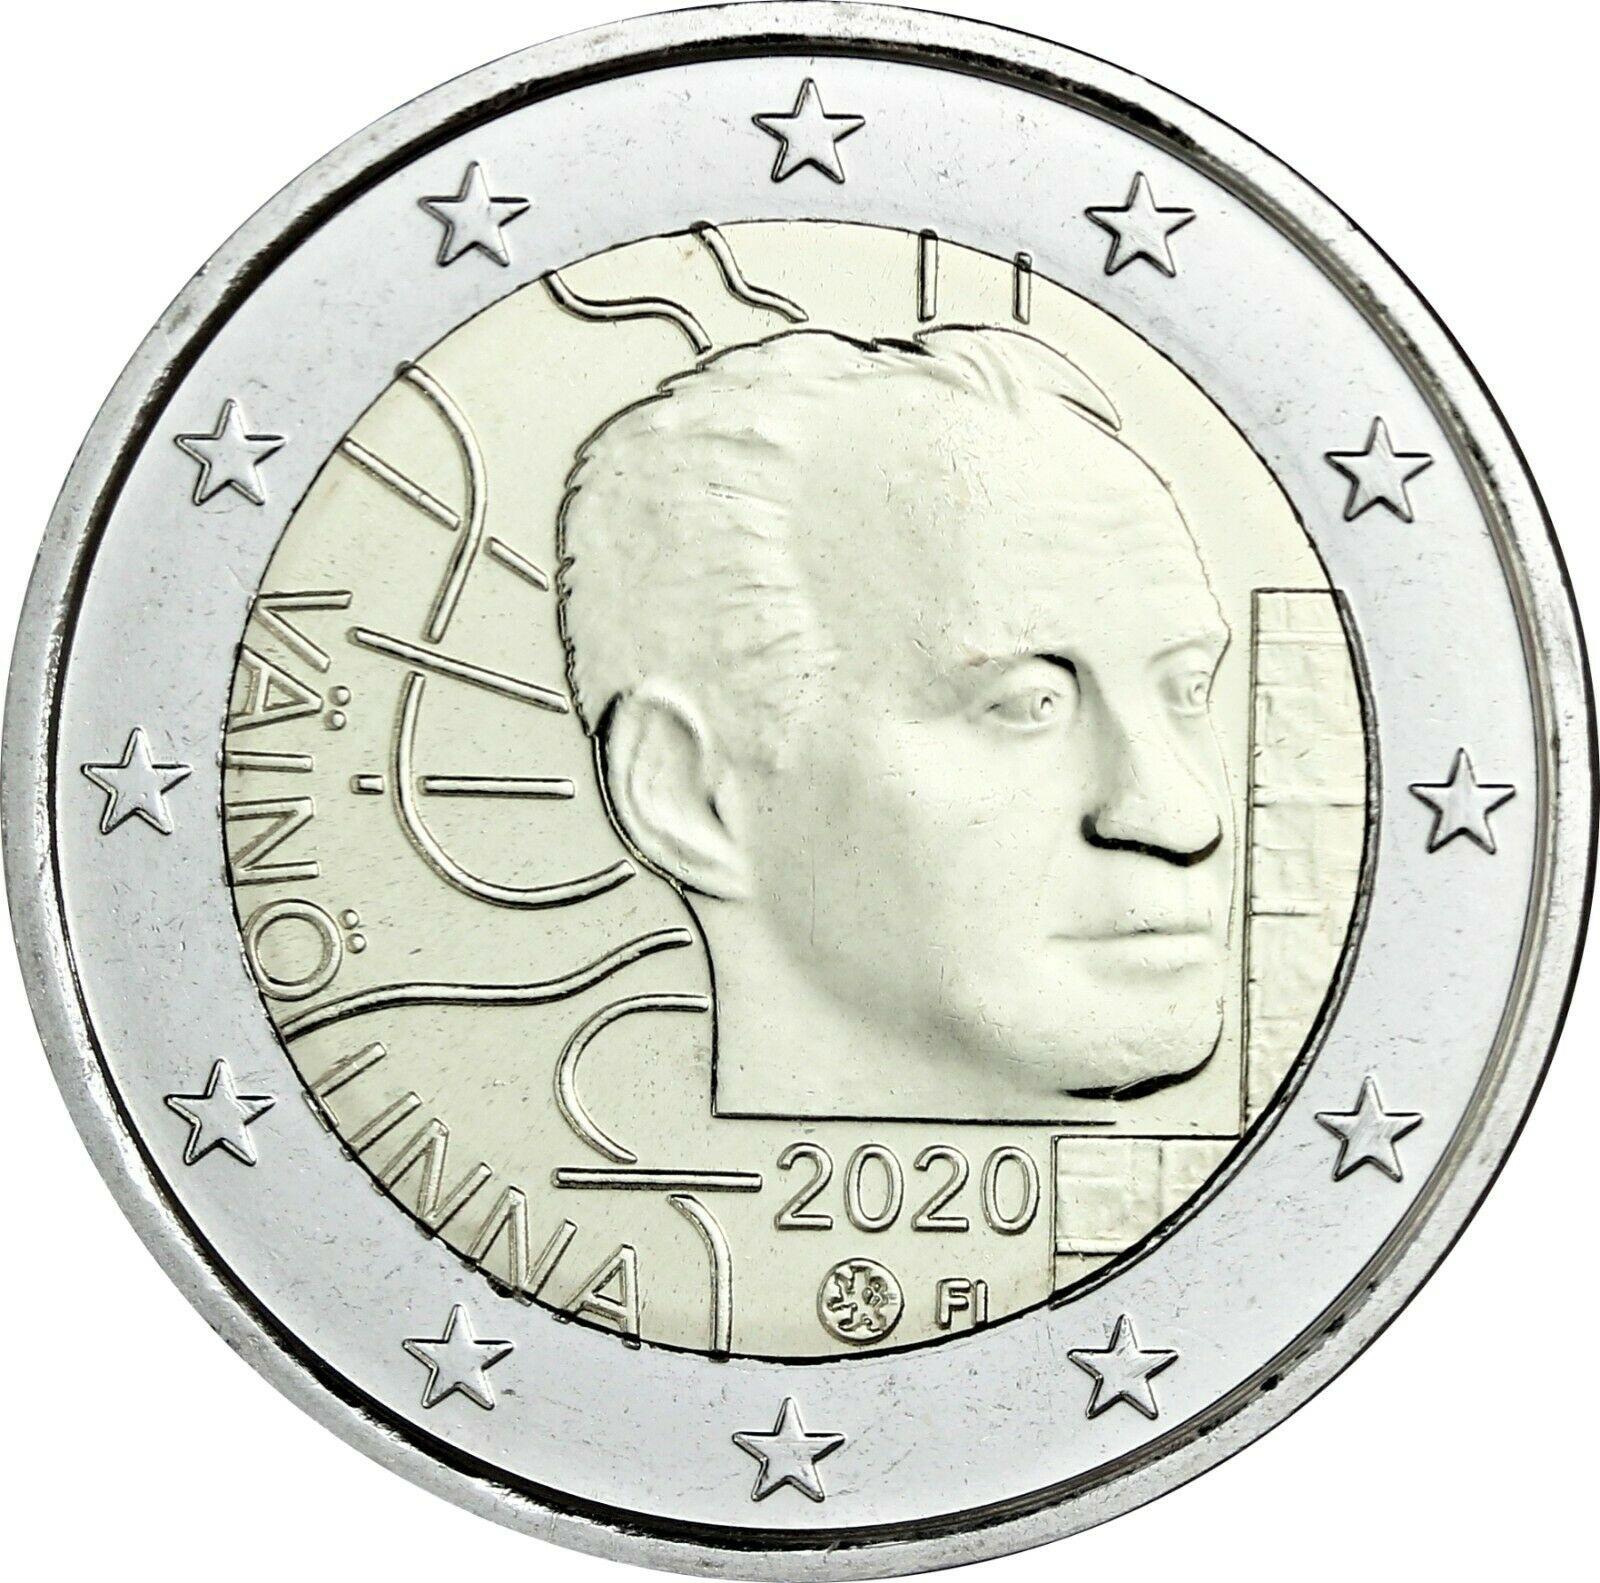 Финляндия 2 евро 2020 г. 100 лет со дня рождения Вяйнё Линна